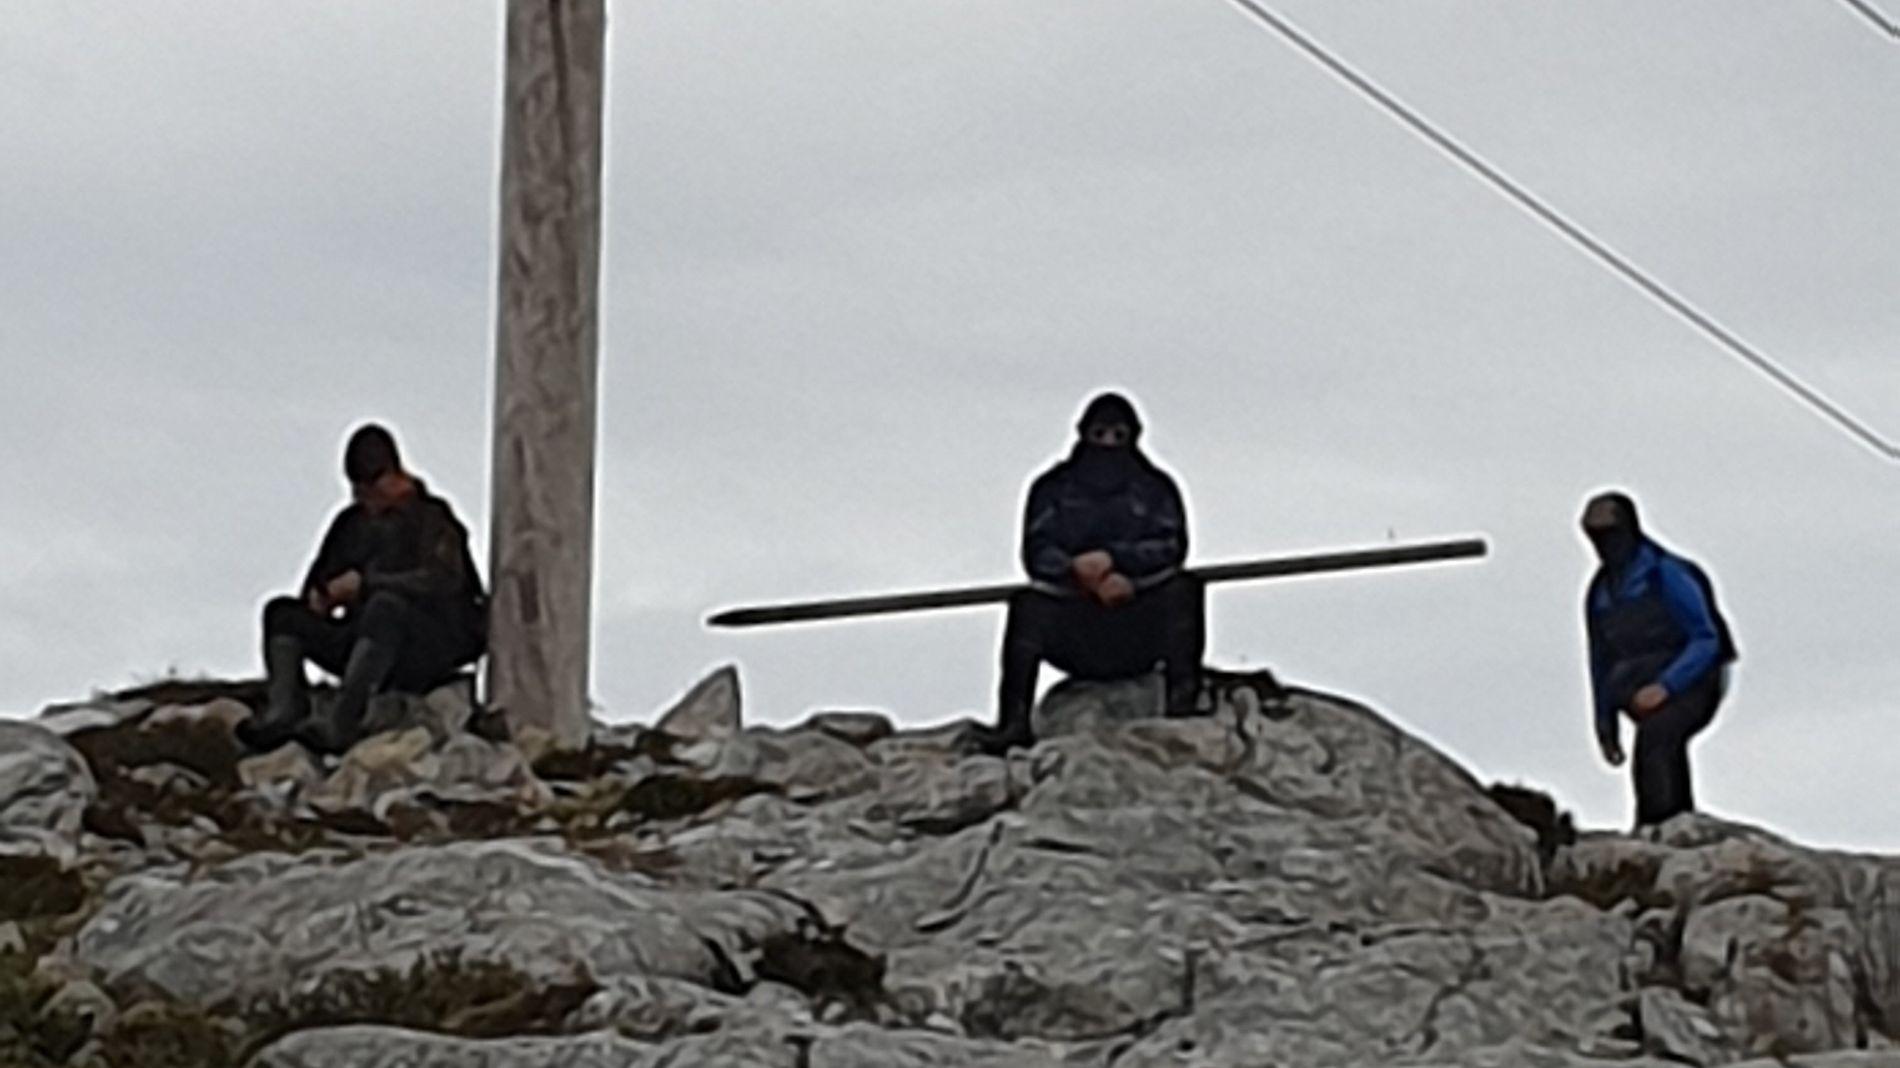 AKSJONERTE: Vindkraftutbyggingen har lenge vært en omstridt sak på Frøya, og det har blitt arrangert gjentatte demonstrasjoner mot utbyggingen. Bildet skal ifølge Trønderenergi vise maskerte aksjonister som tok seg inn på anleggsområdet på dagtid i slutten av juni.